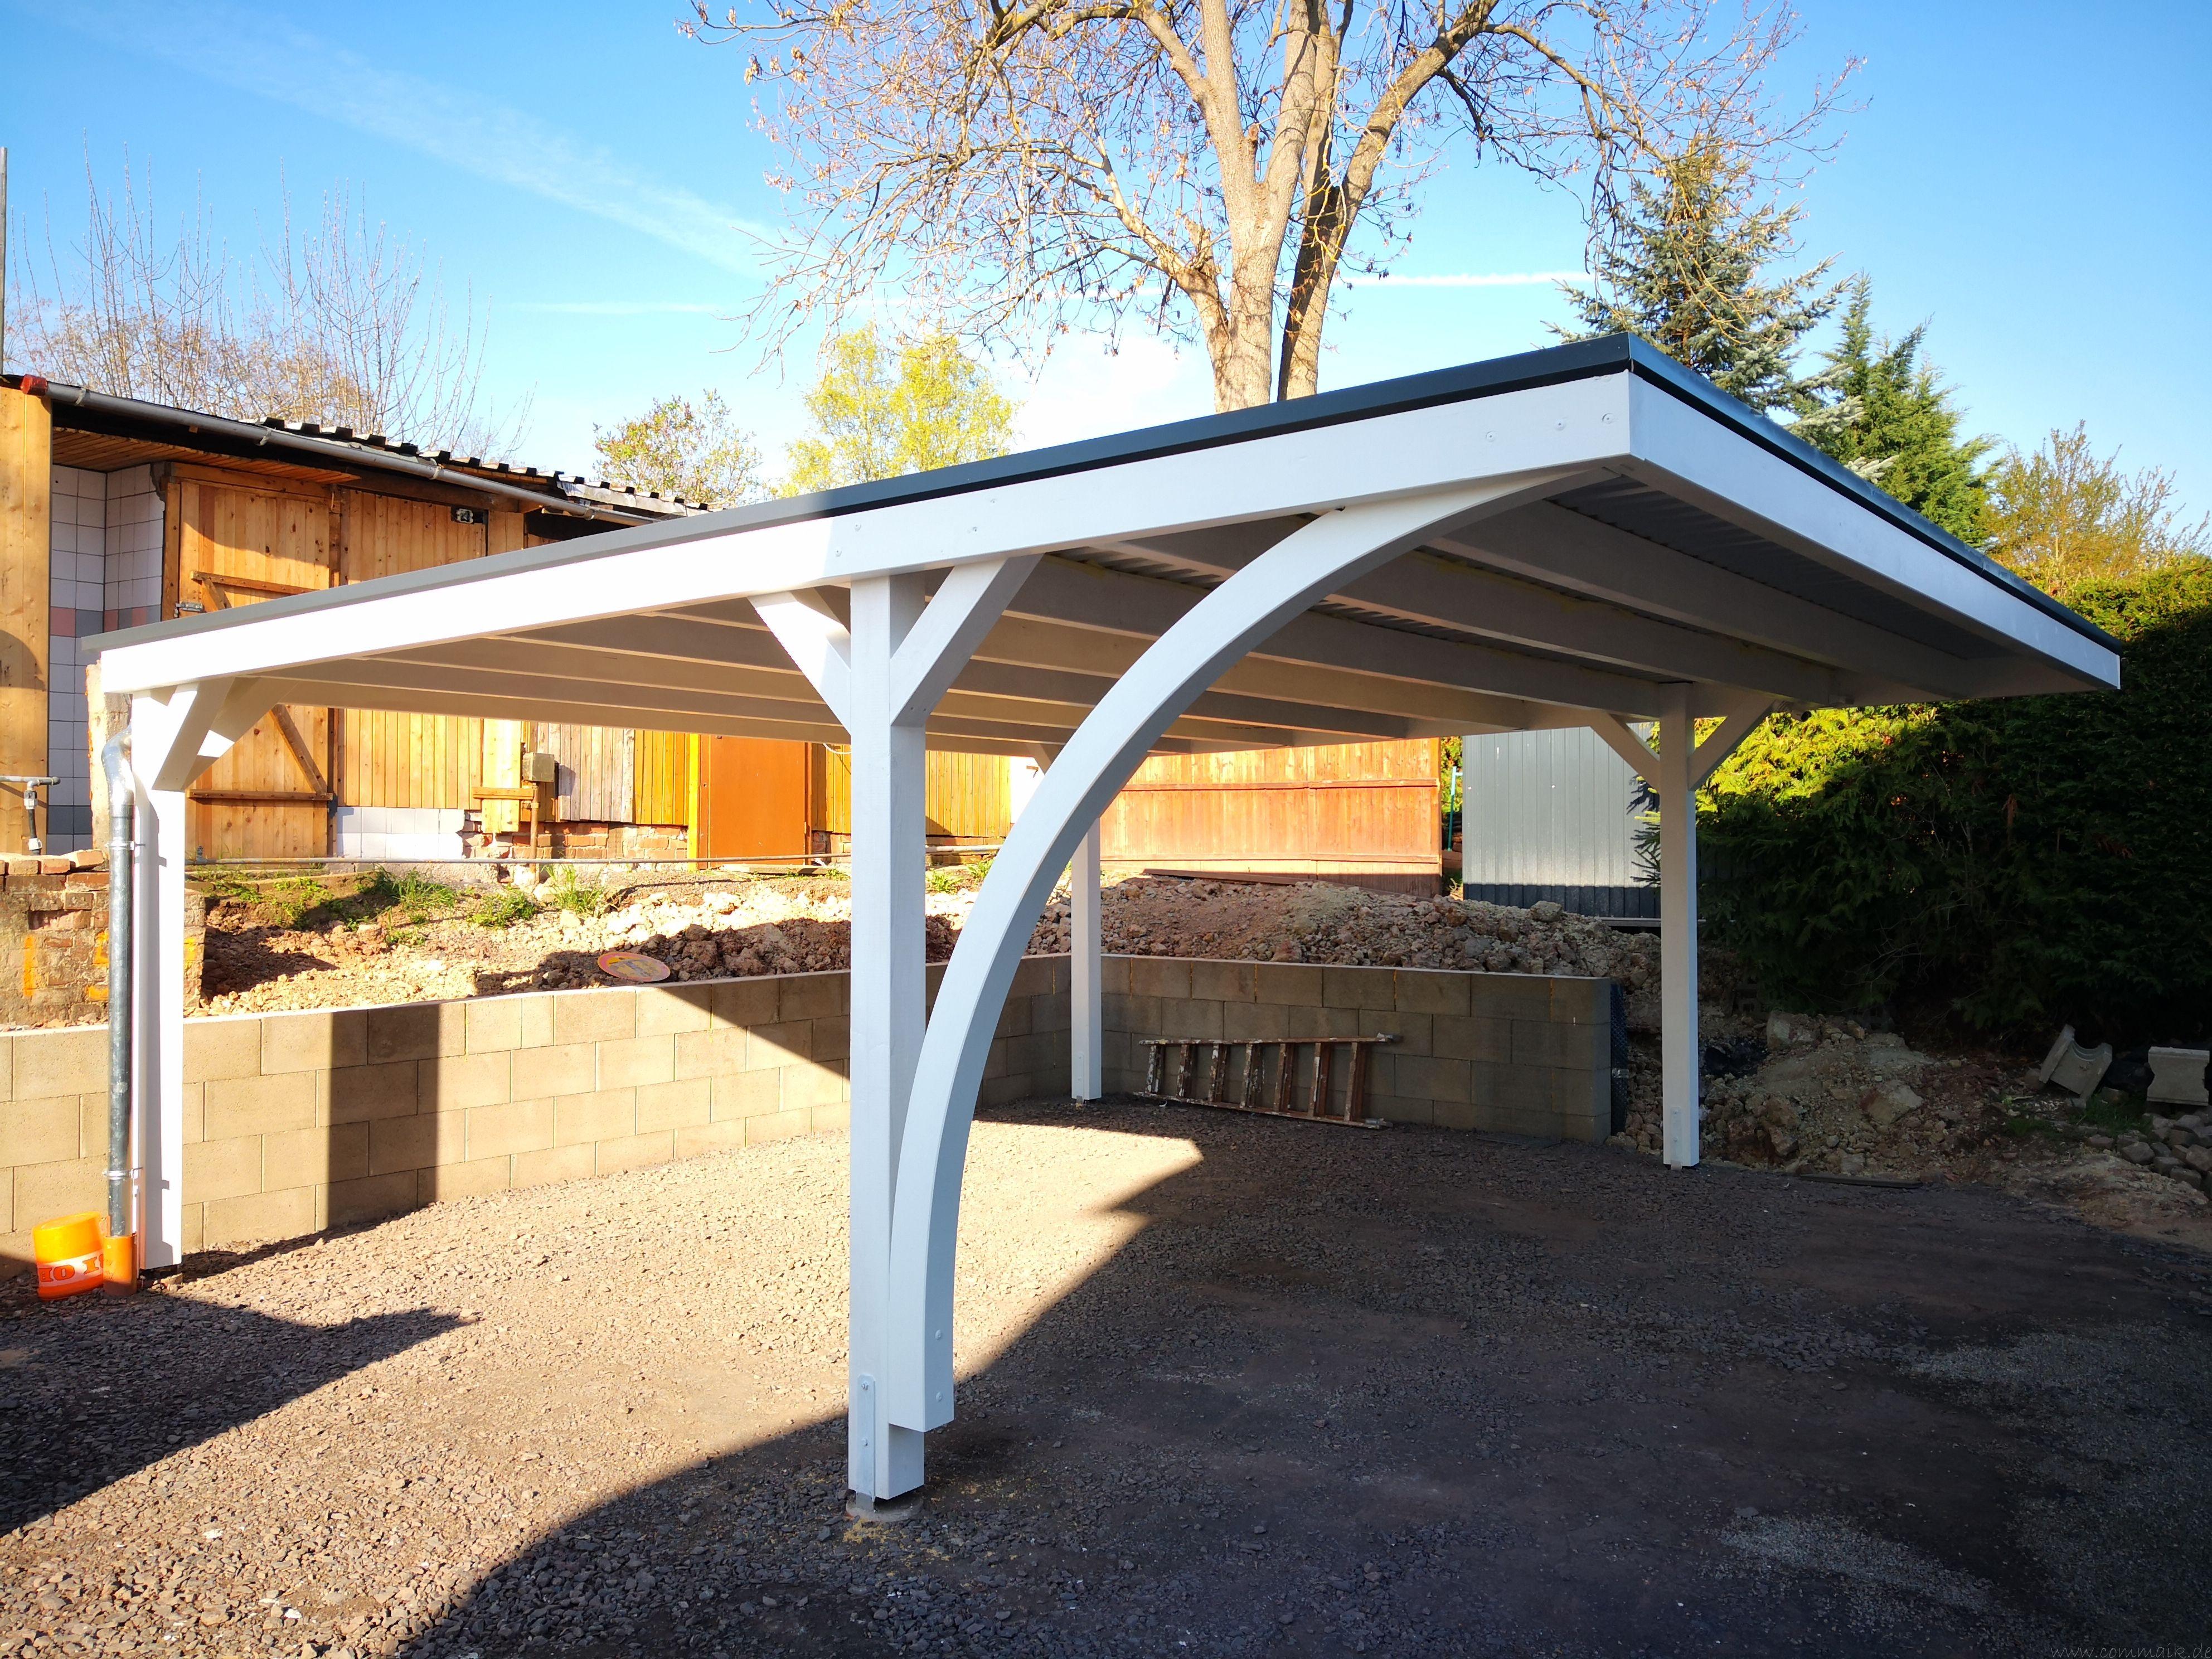 Neuer Carport Mit Photovoltaik Auf Dem Dach Carport Outdoor Dekorationen Dach